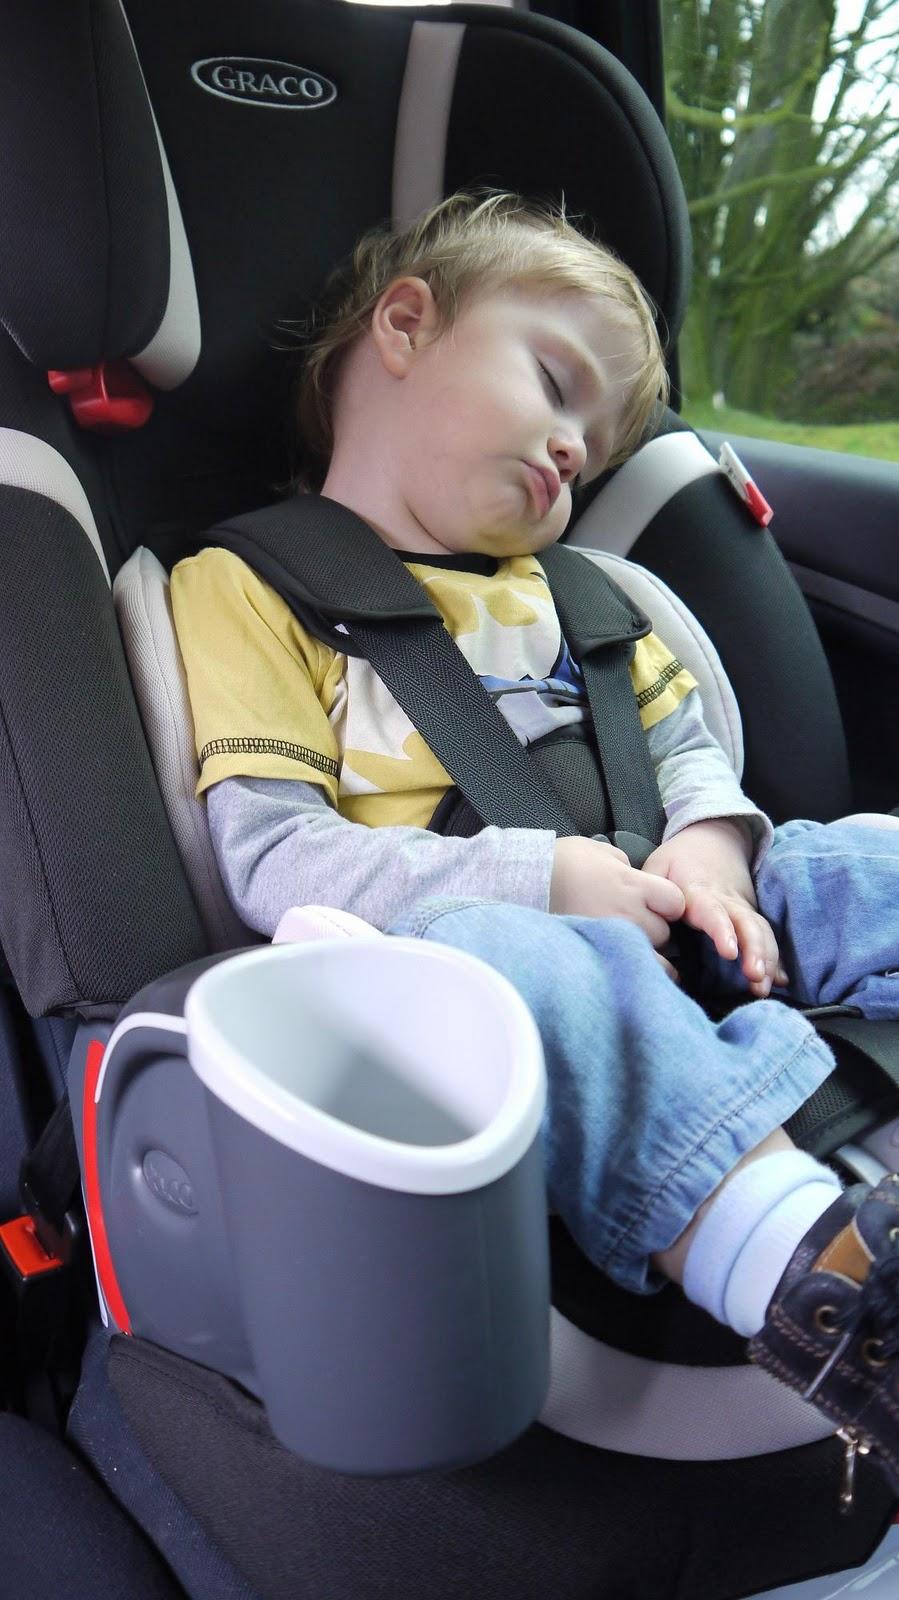 How To Loosen Graco Nautilus Car Seat Straps